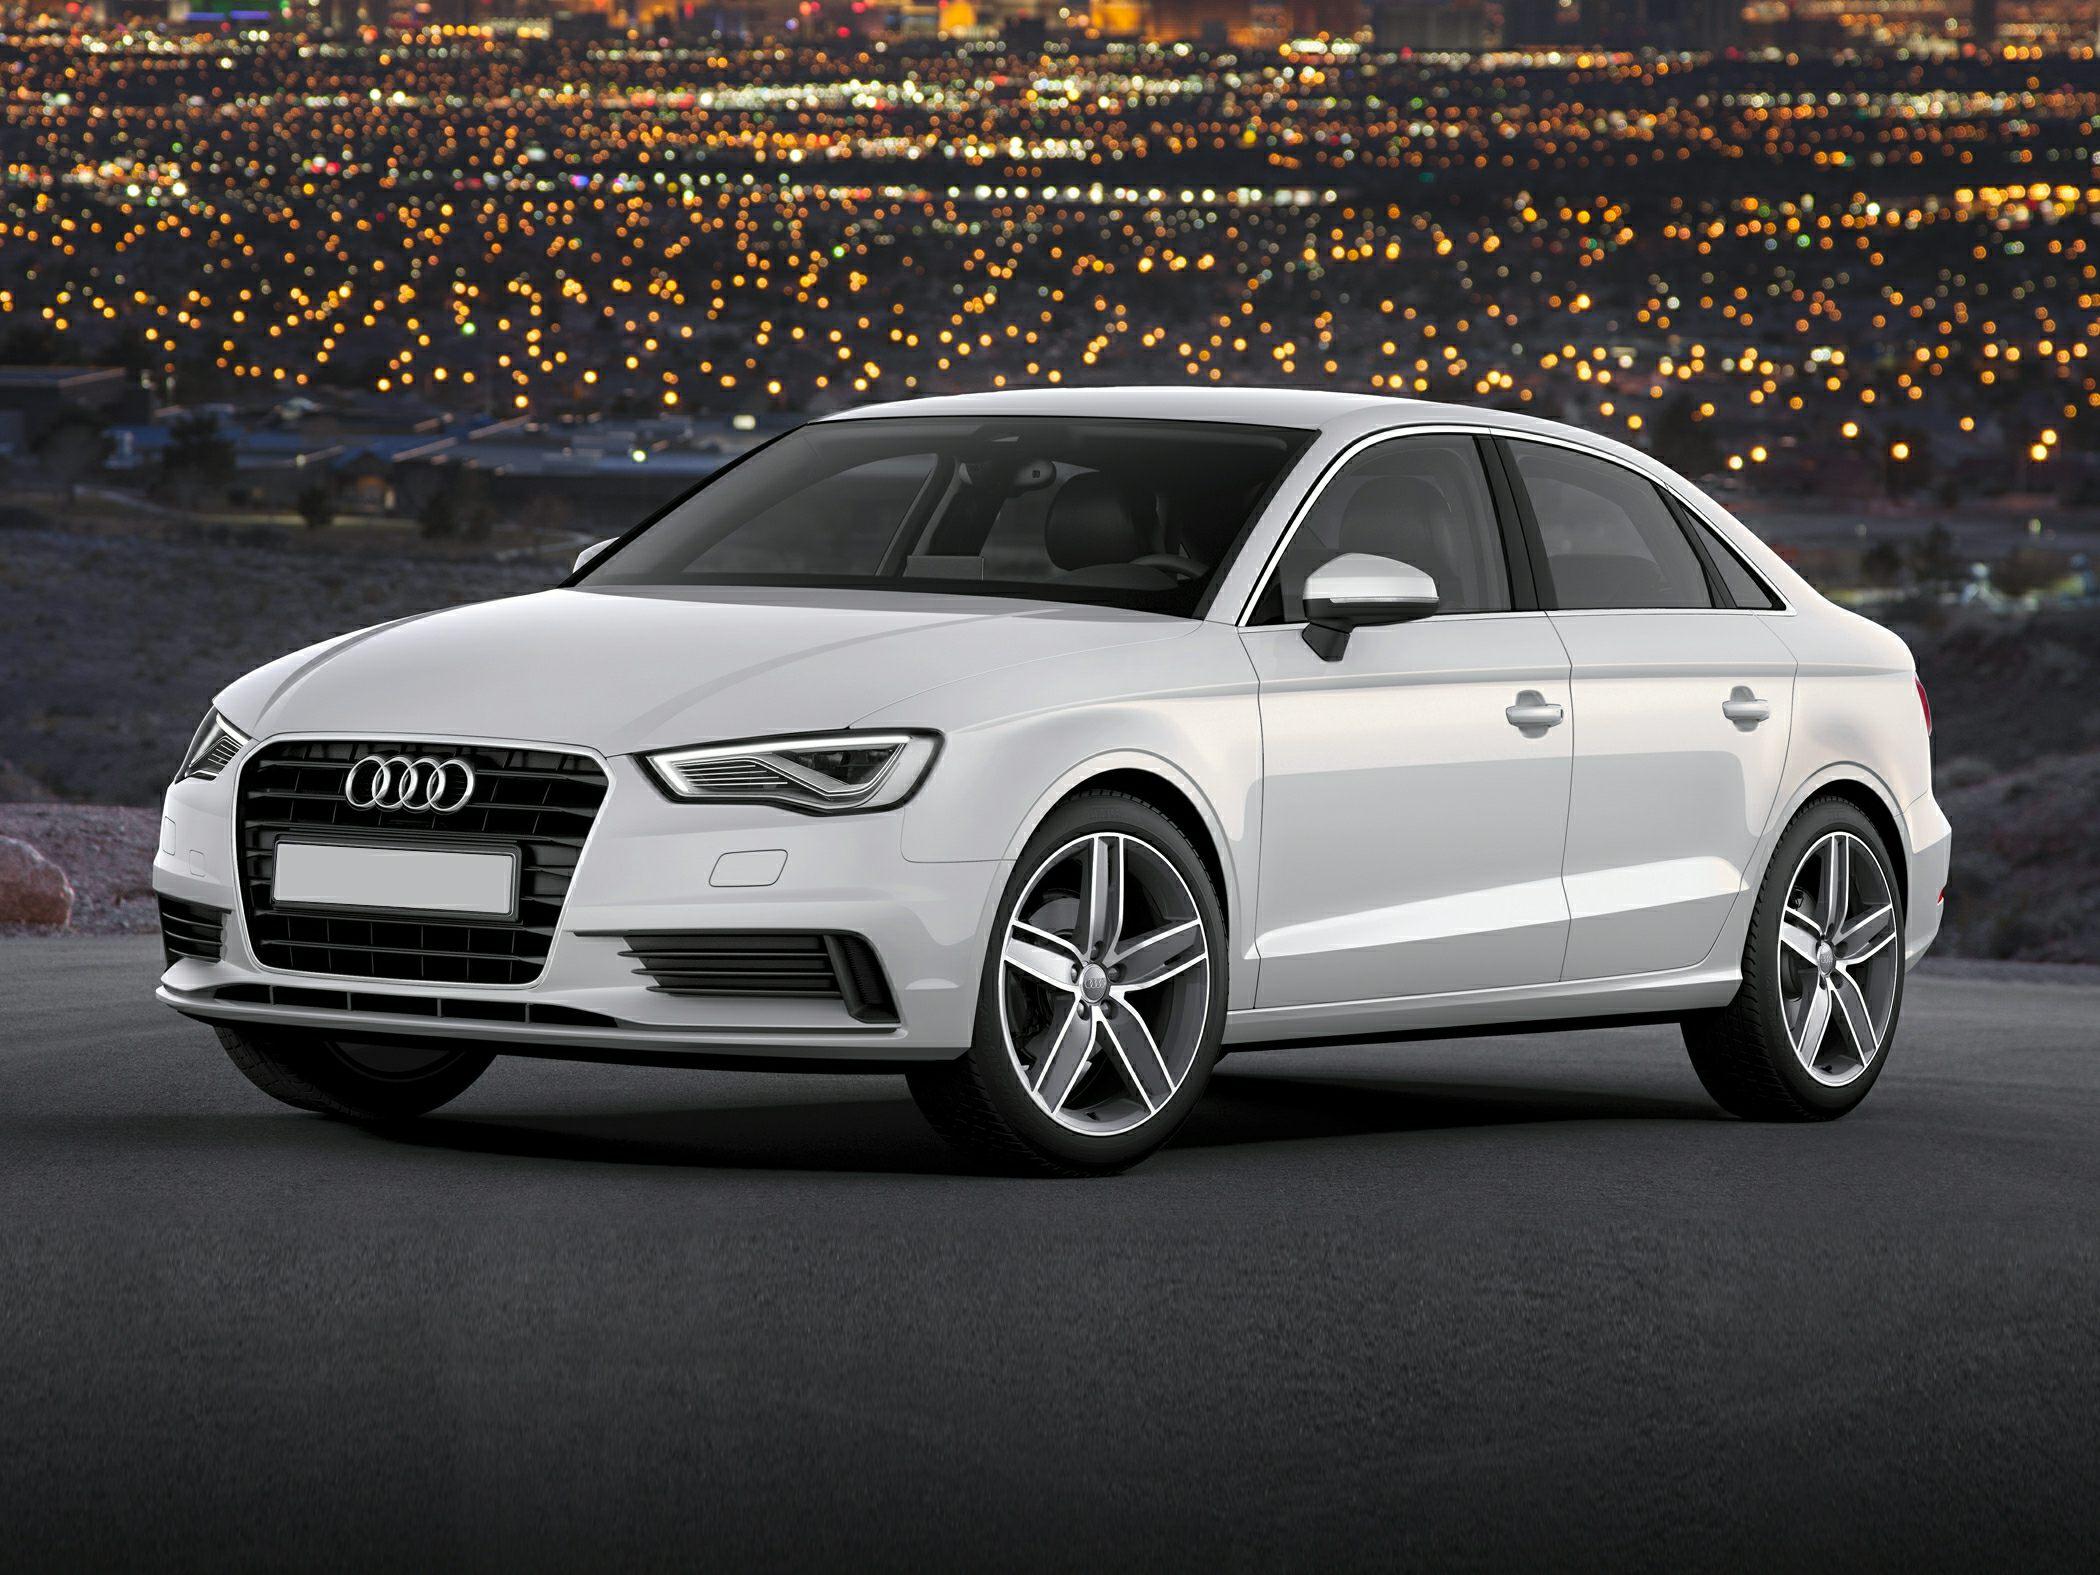 2015 Audi A3 Glam